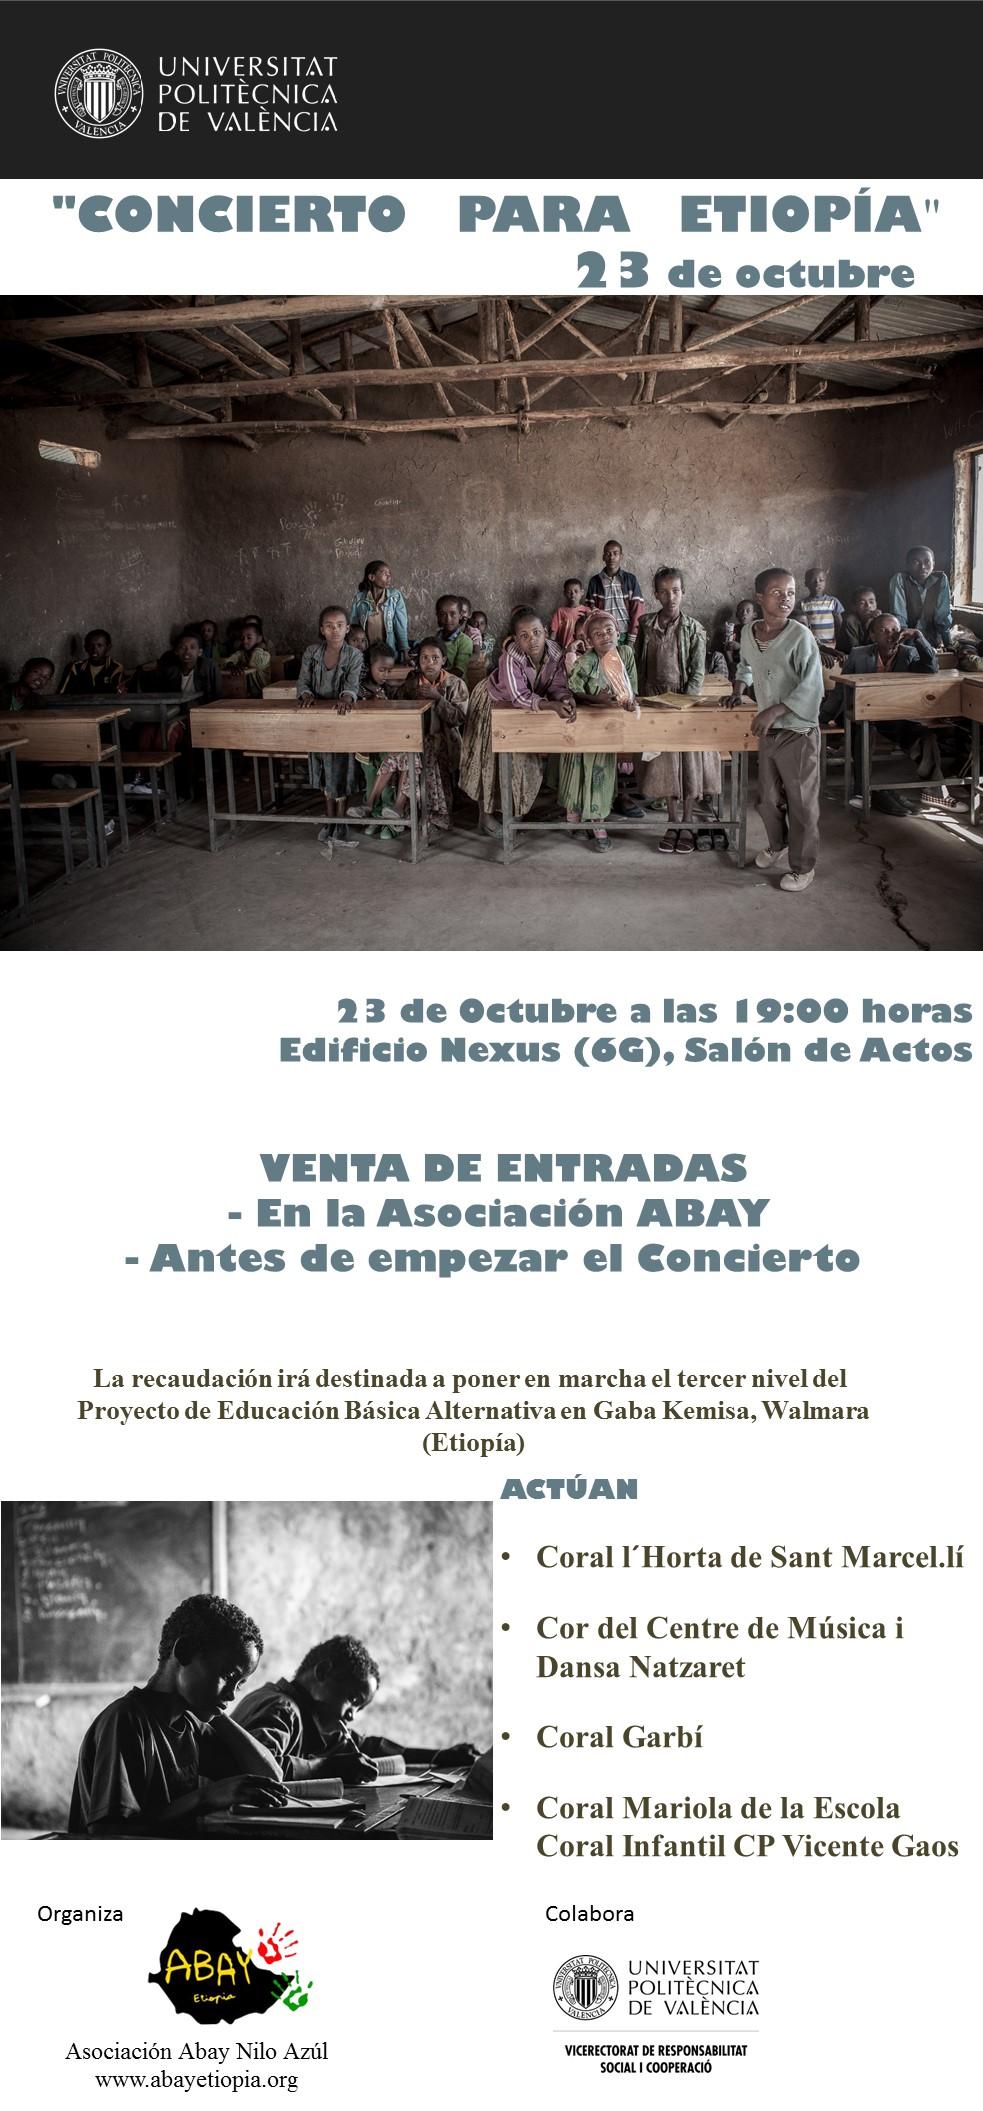 Concierto para Etiopía en la Universidad Politécnica de Valencia @ Edificio Nexus, Salón de Actos